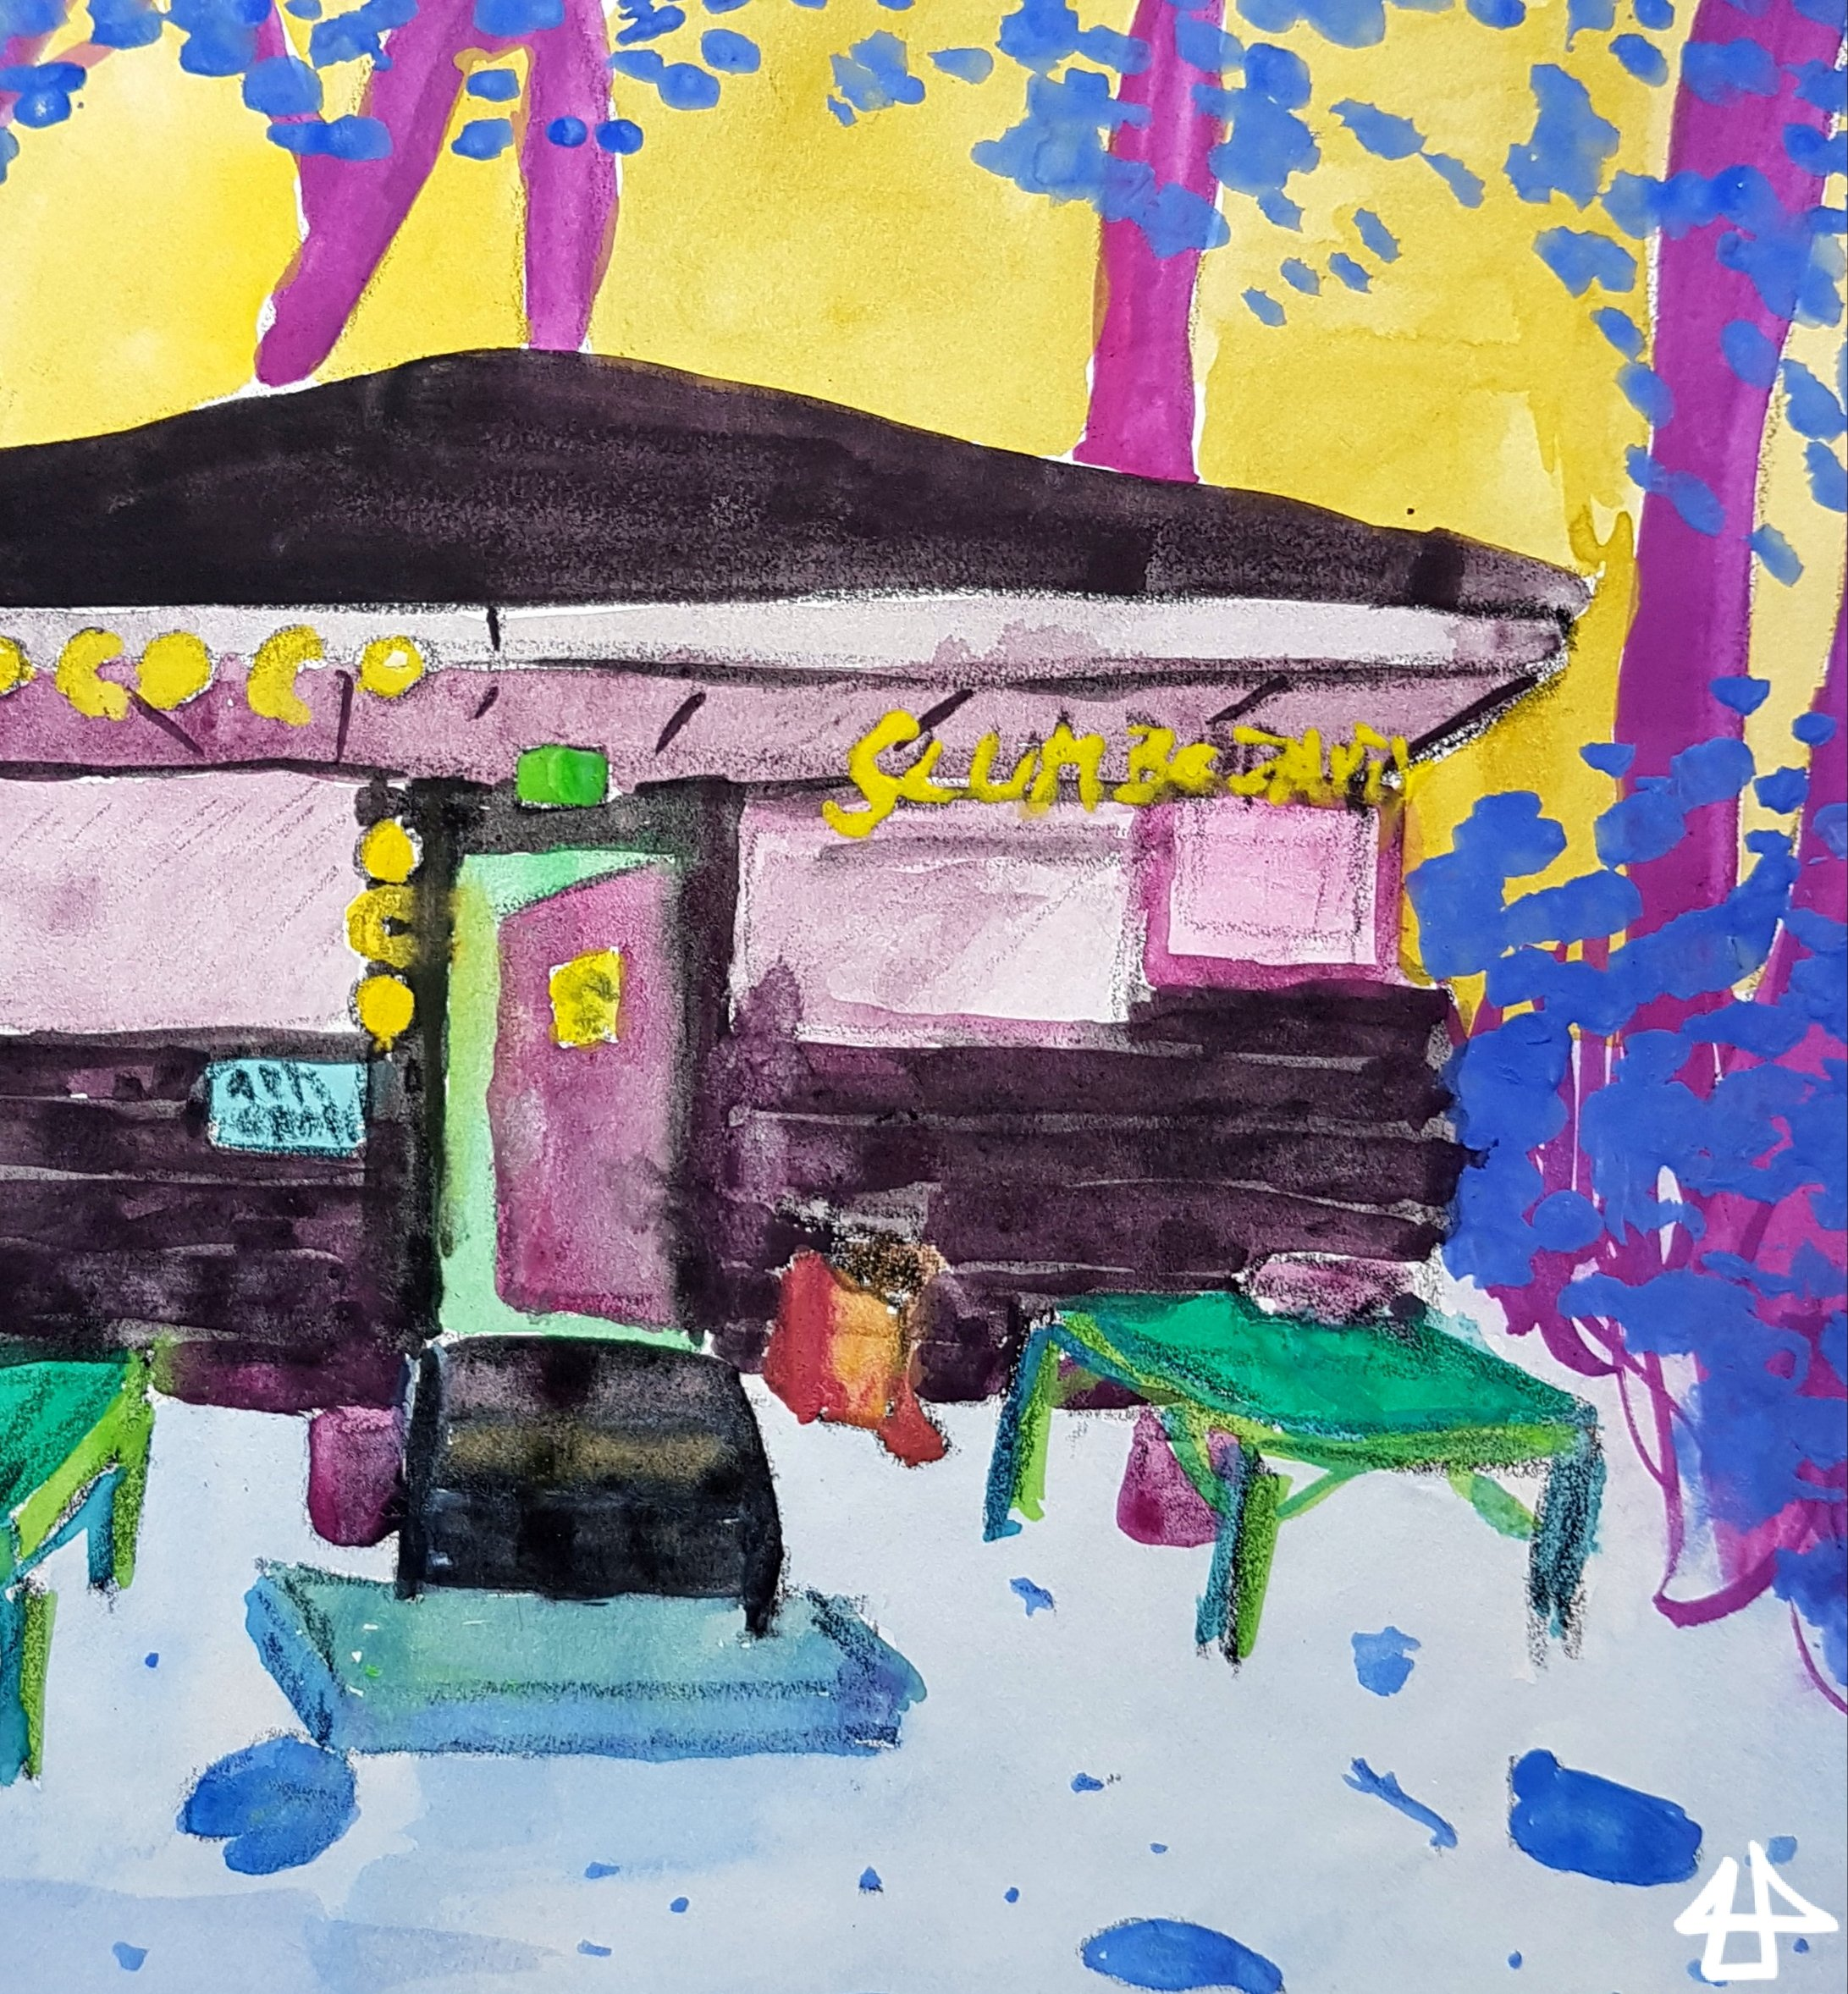 braunes Holzhaus mit gelben Girlanden im Wald mit Treppenstufen zu offener Tür mit, davor zwei Holztisches, die Bäume des Waldes dahinter sind lilafarben mit blauen Blättern